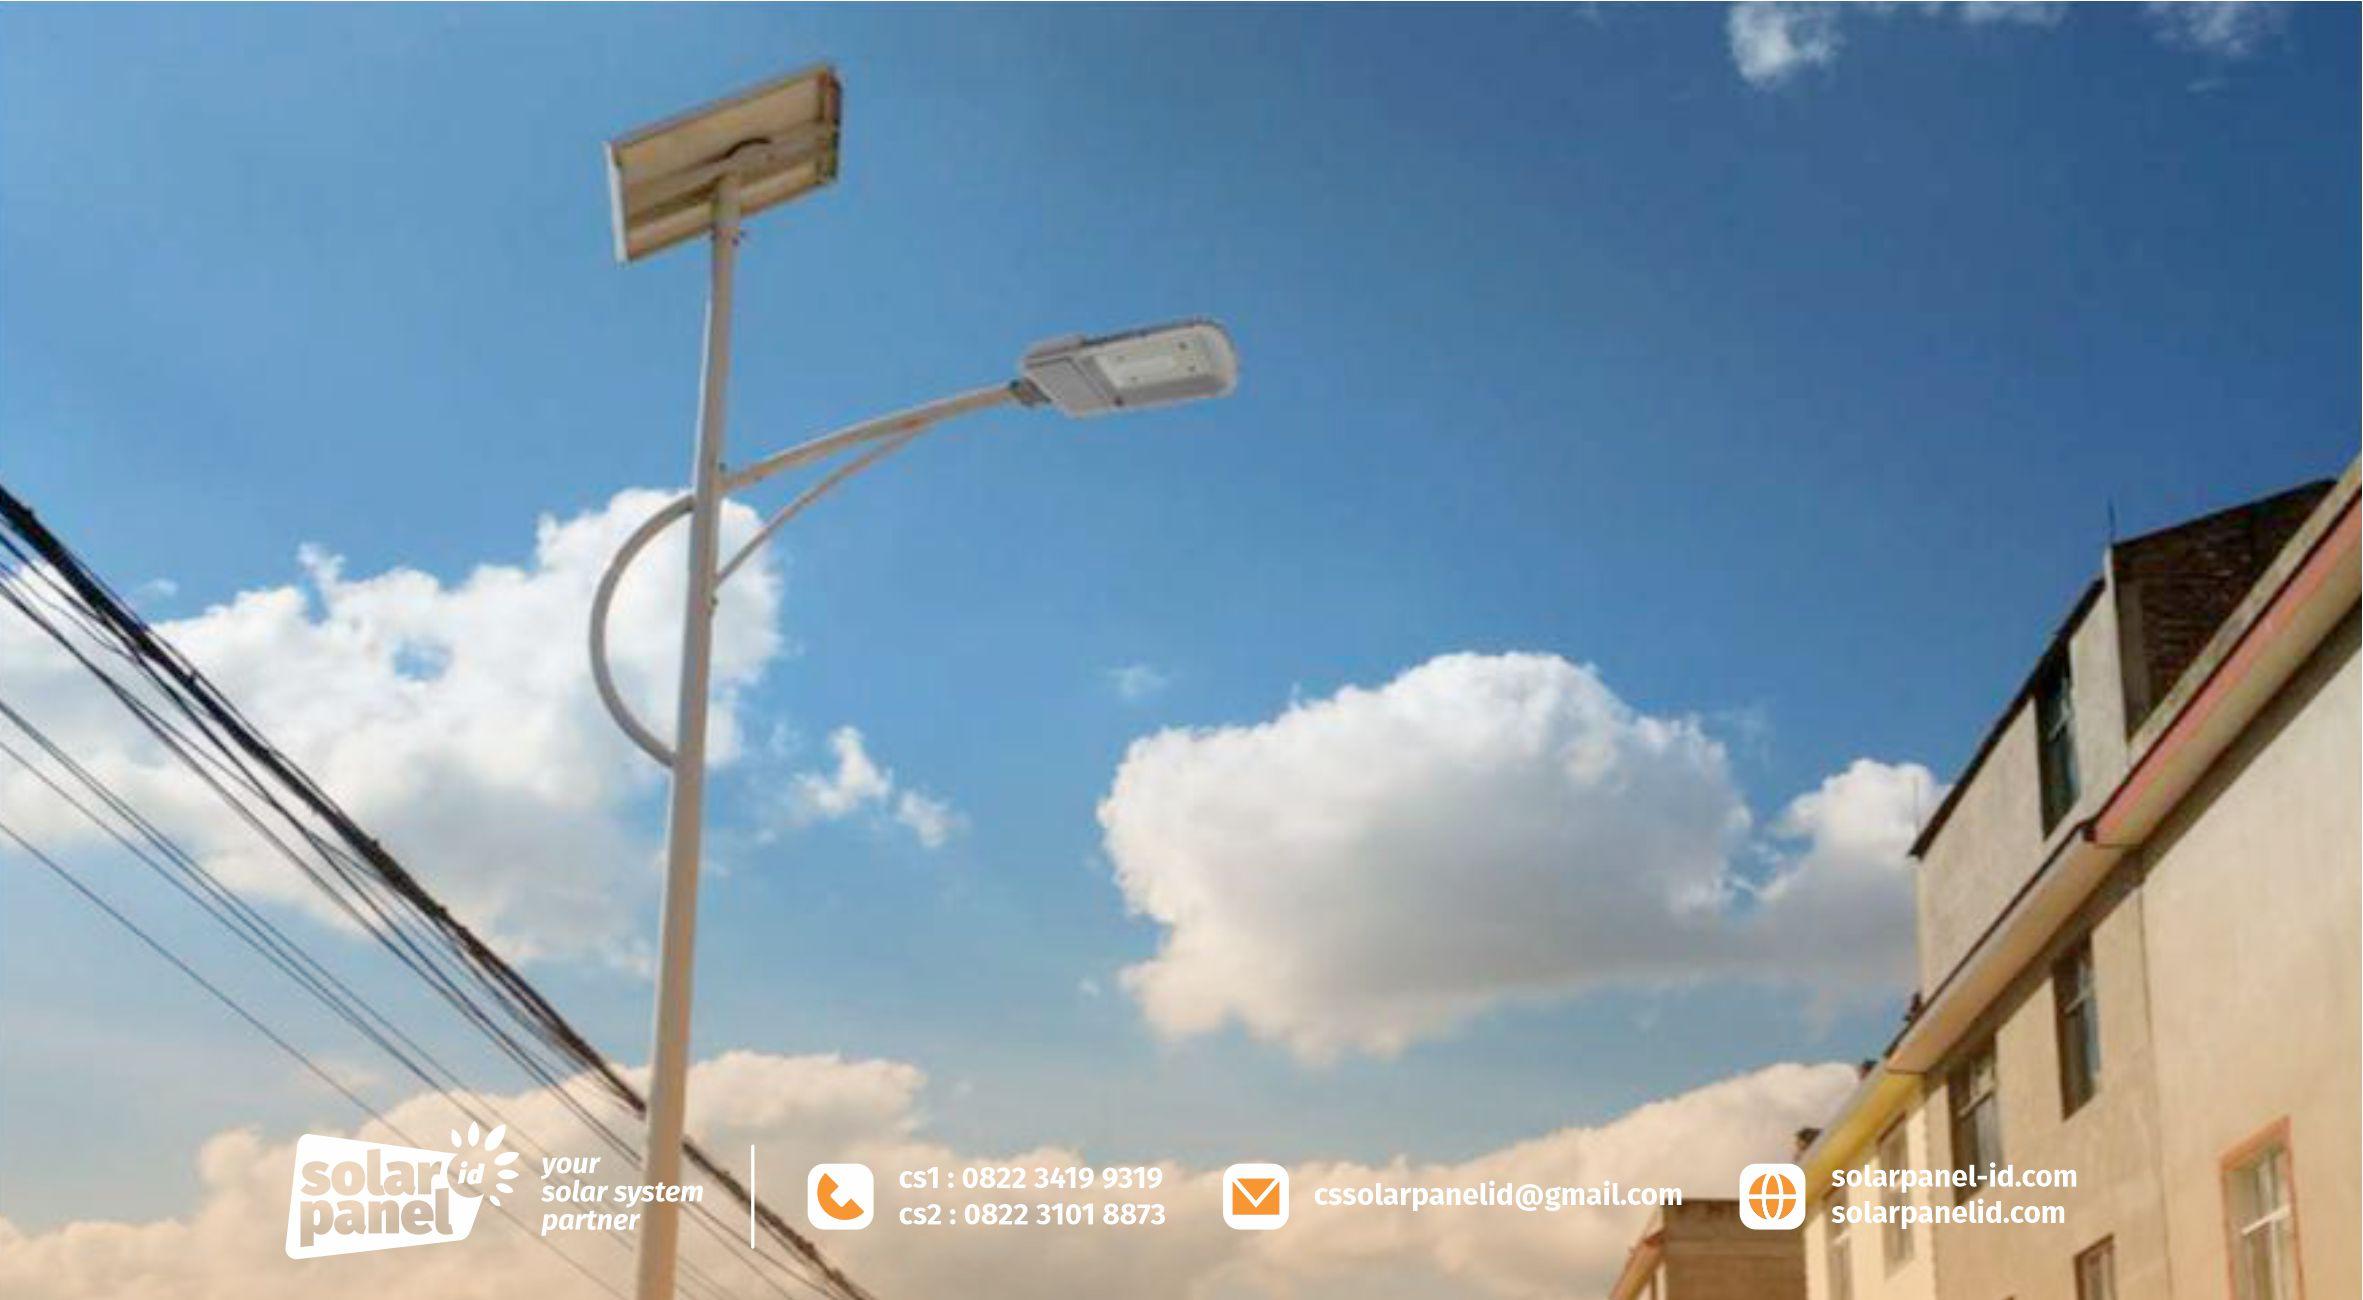 jual lampu pju 2in1 30 watt crossbow light satu set